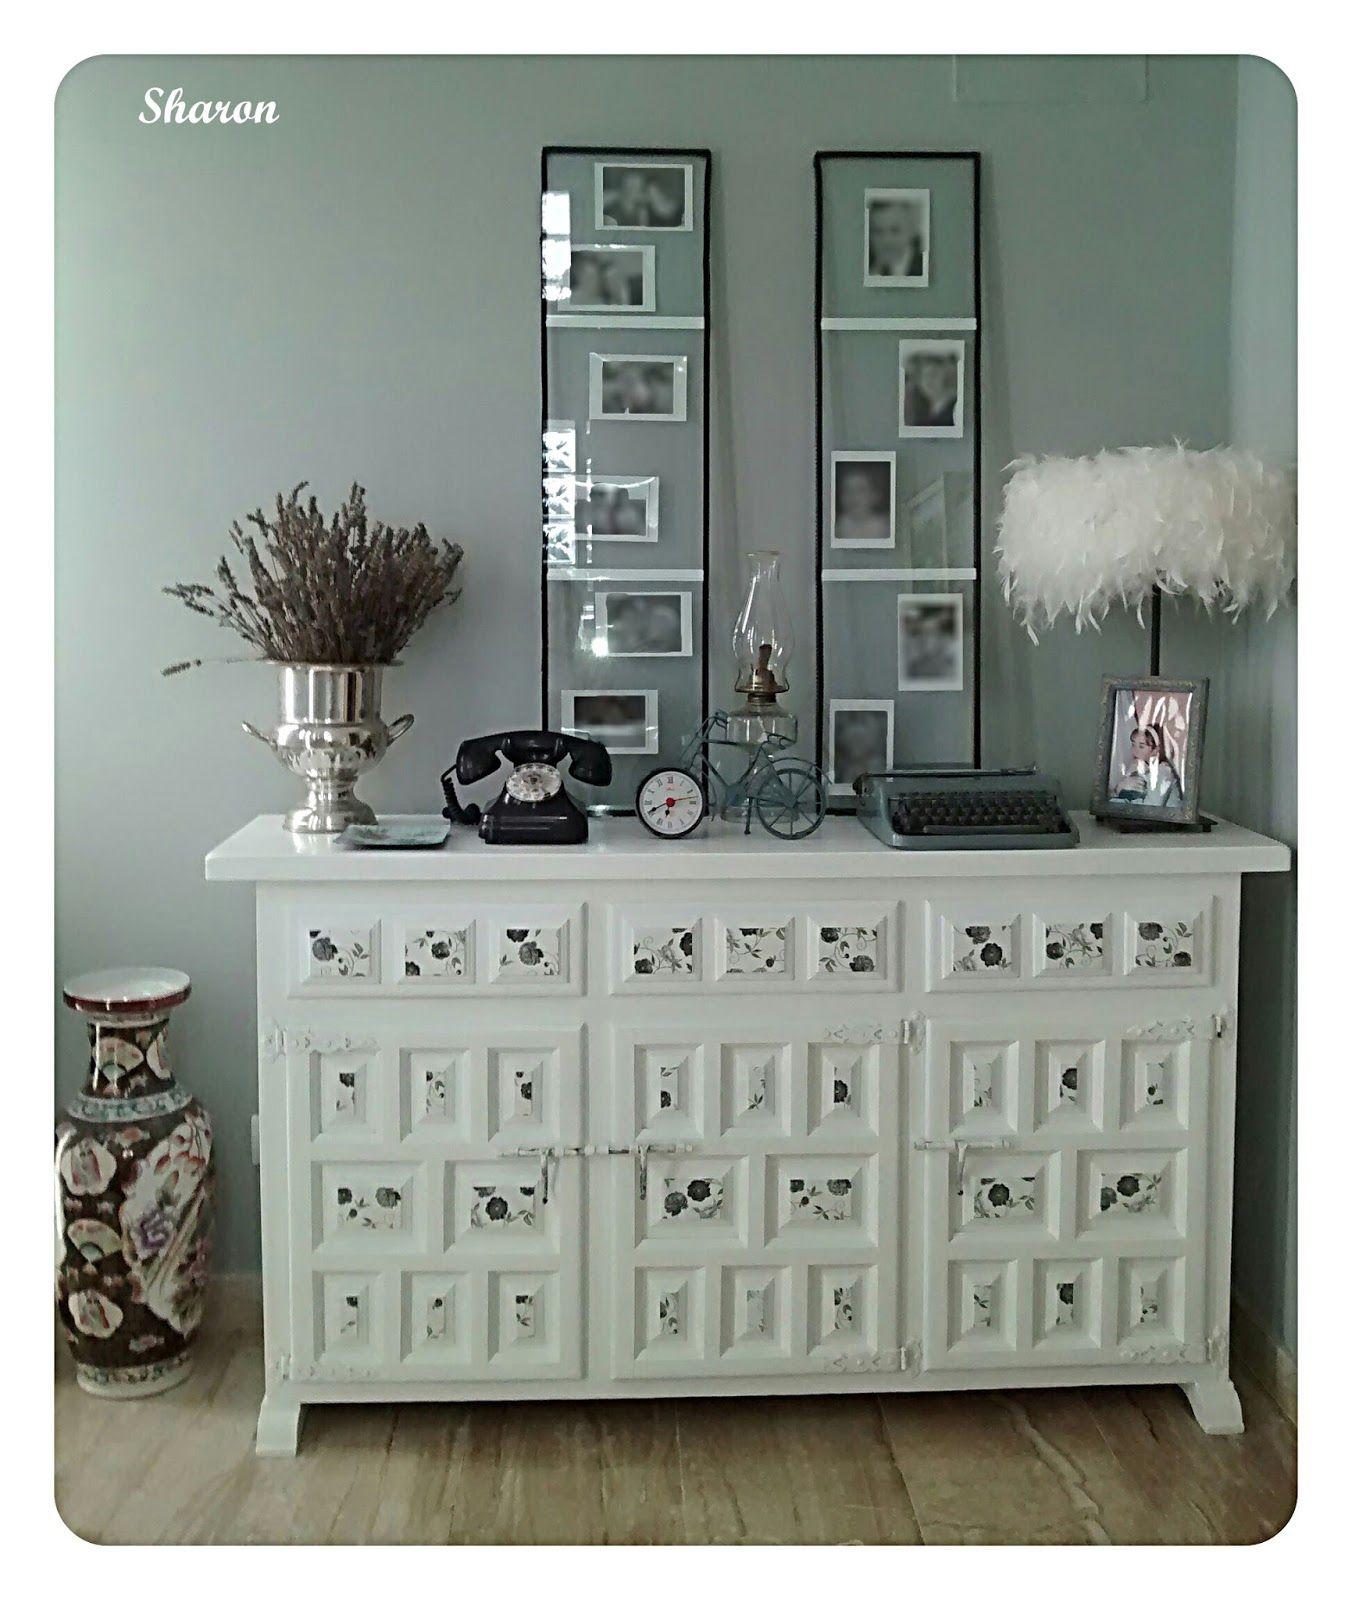 Mueble castellano pintado buscar con google muebles - Pintar muebles estilo vintage ...